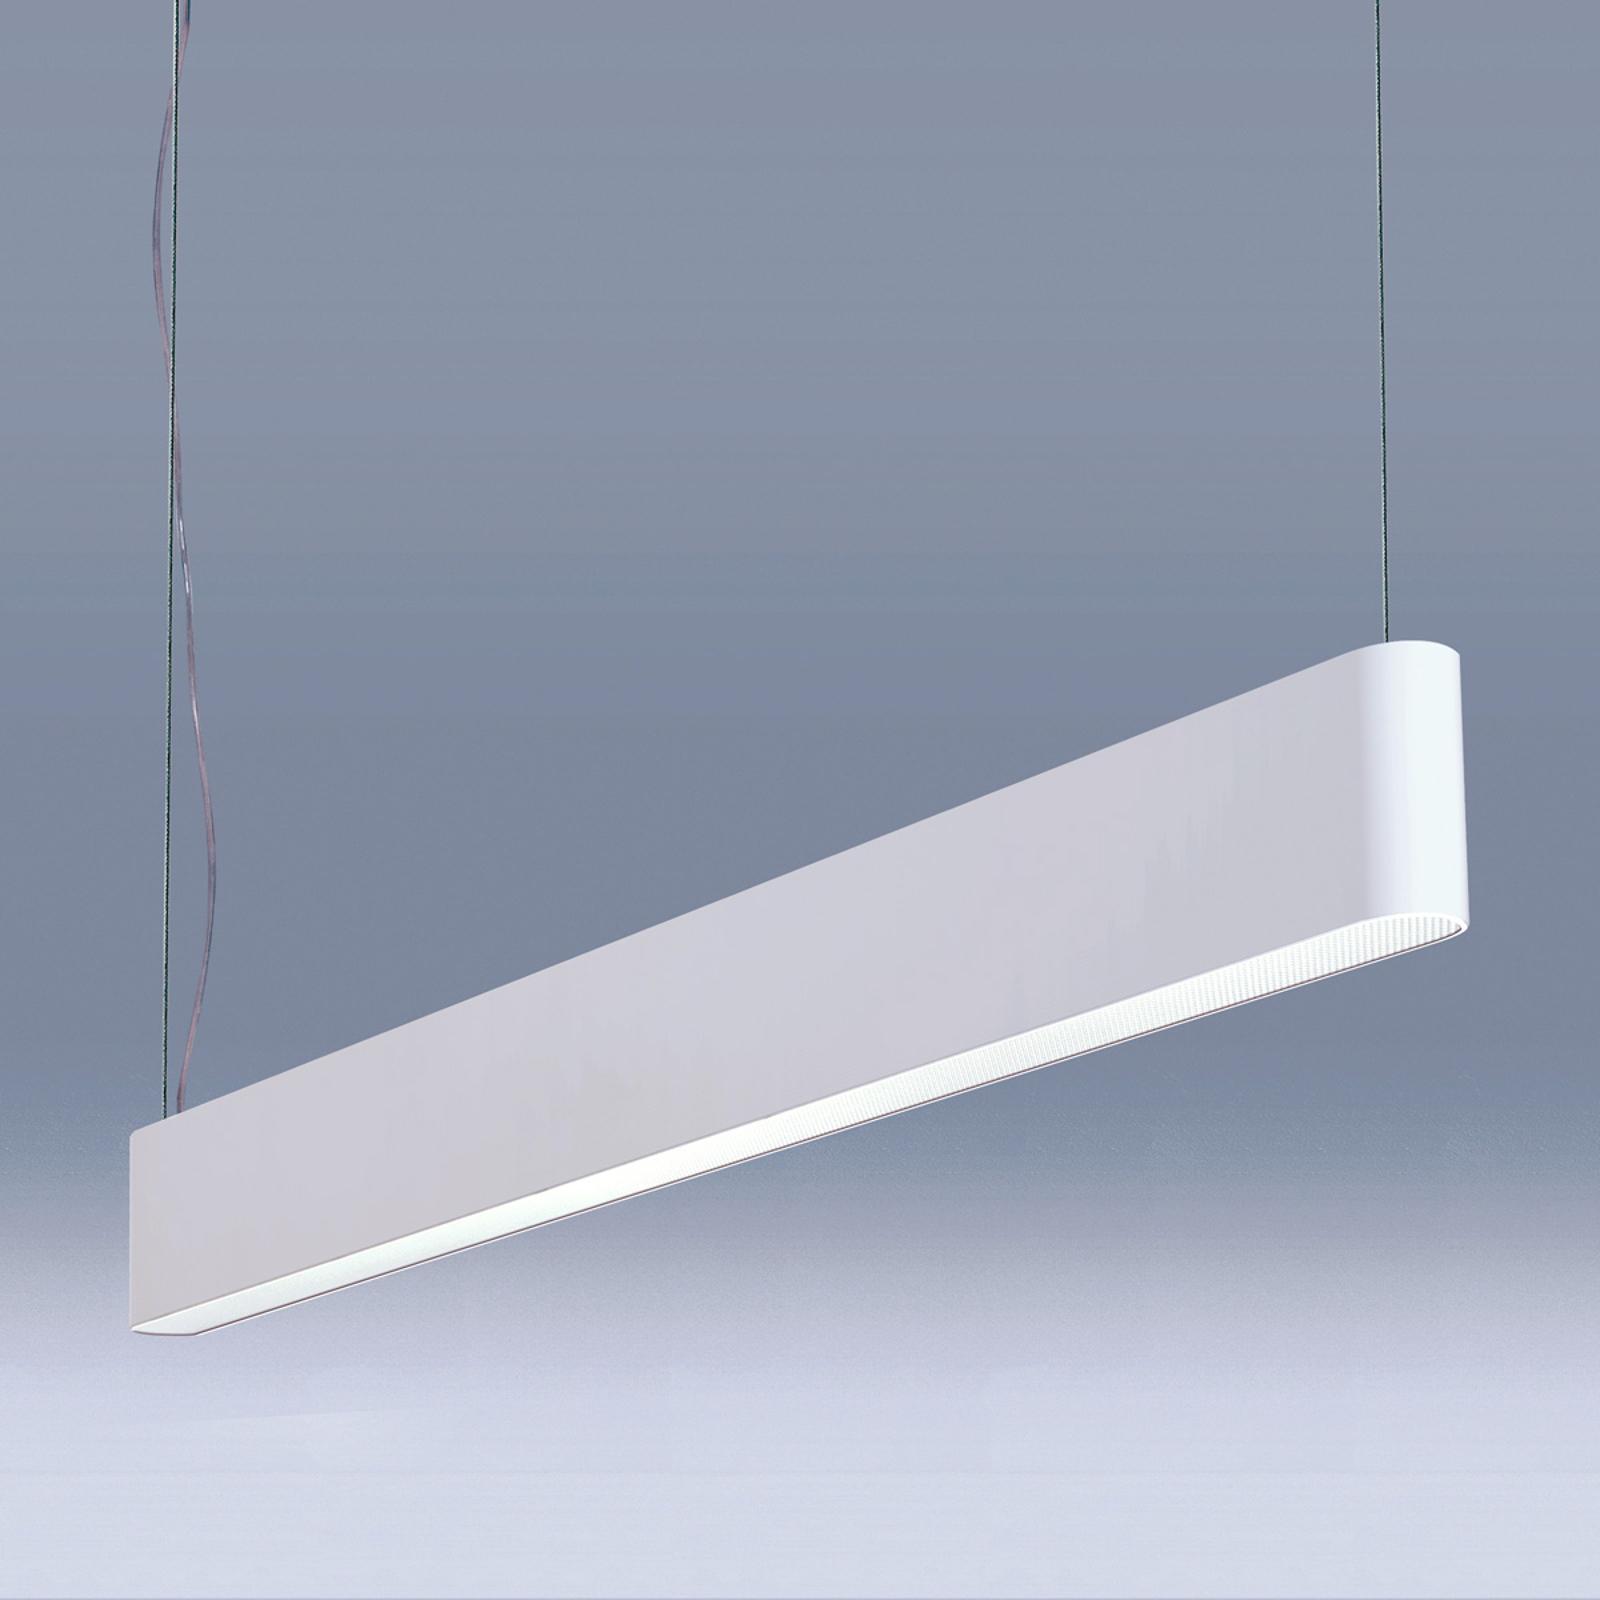 Weiße LED-Hängeleuchte Caleo-P4 - 89 cm 48W